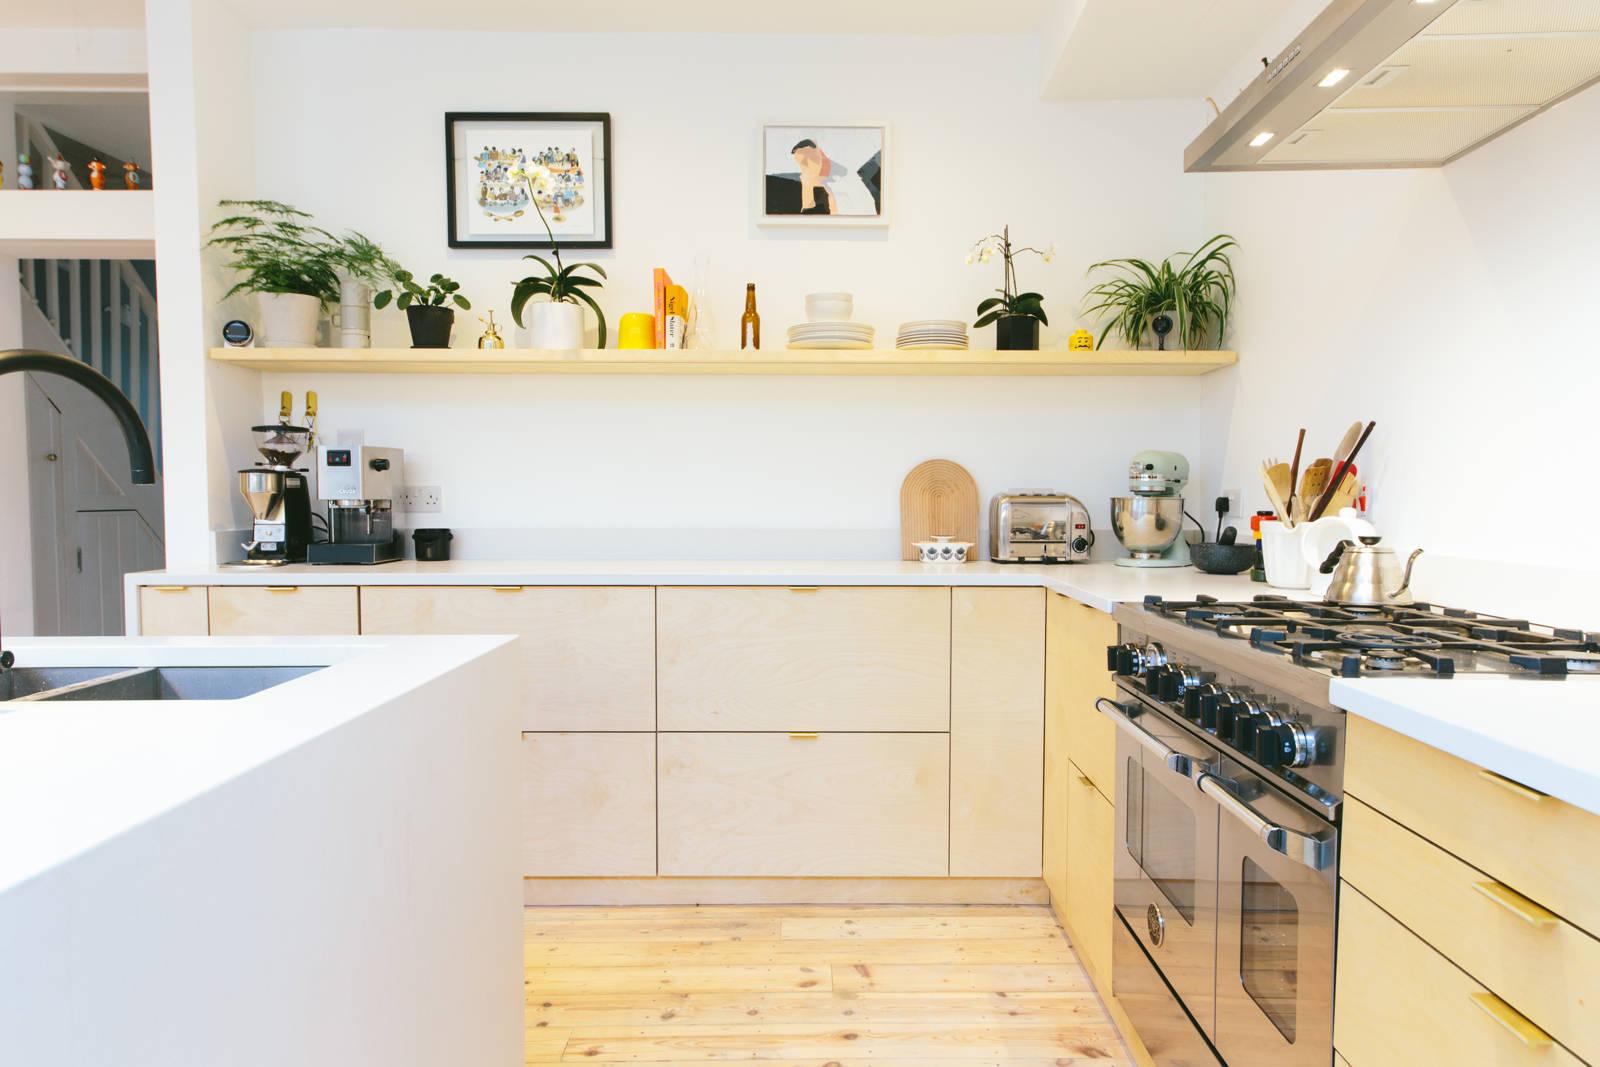 Ikea Method Keuken : Ikea metod keuken met multiplex deuren interieur inrichting